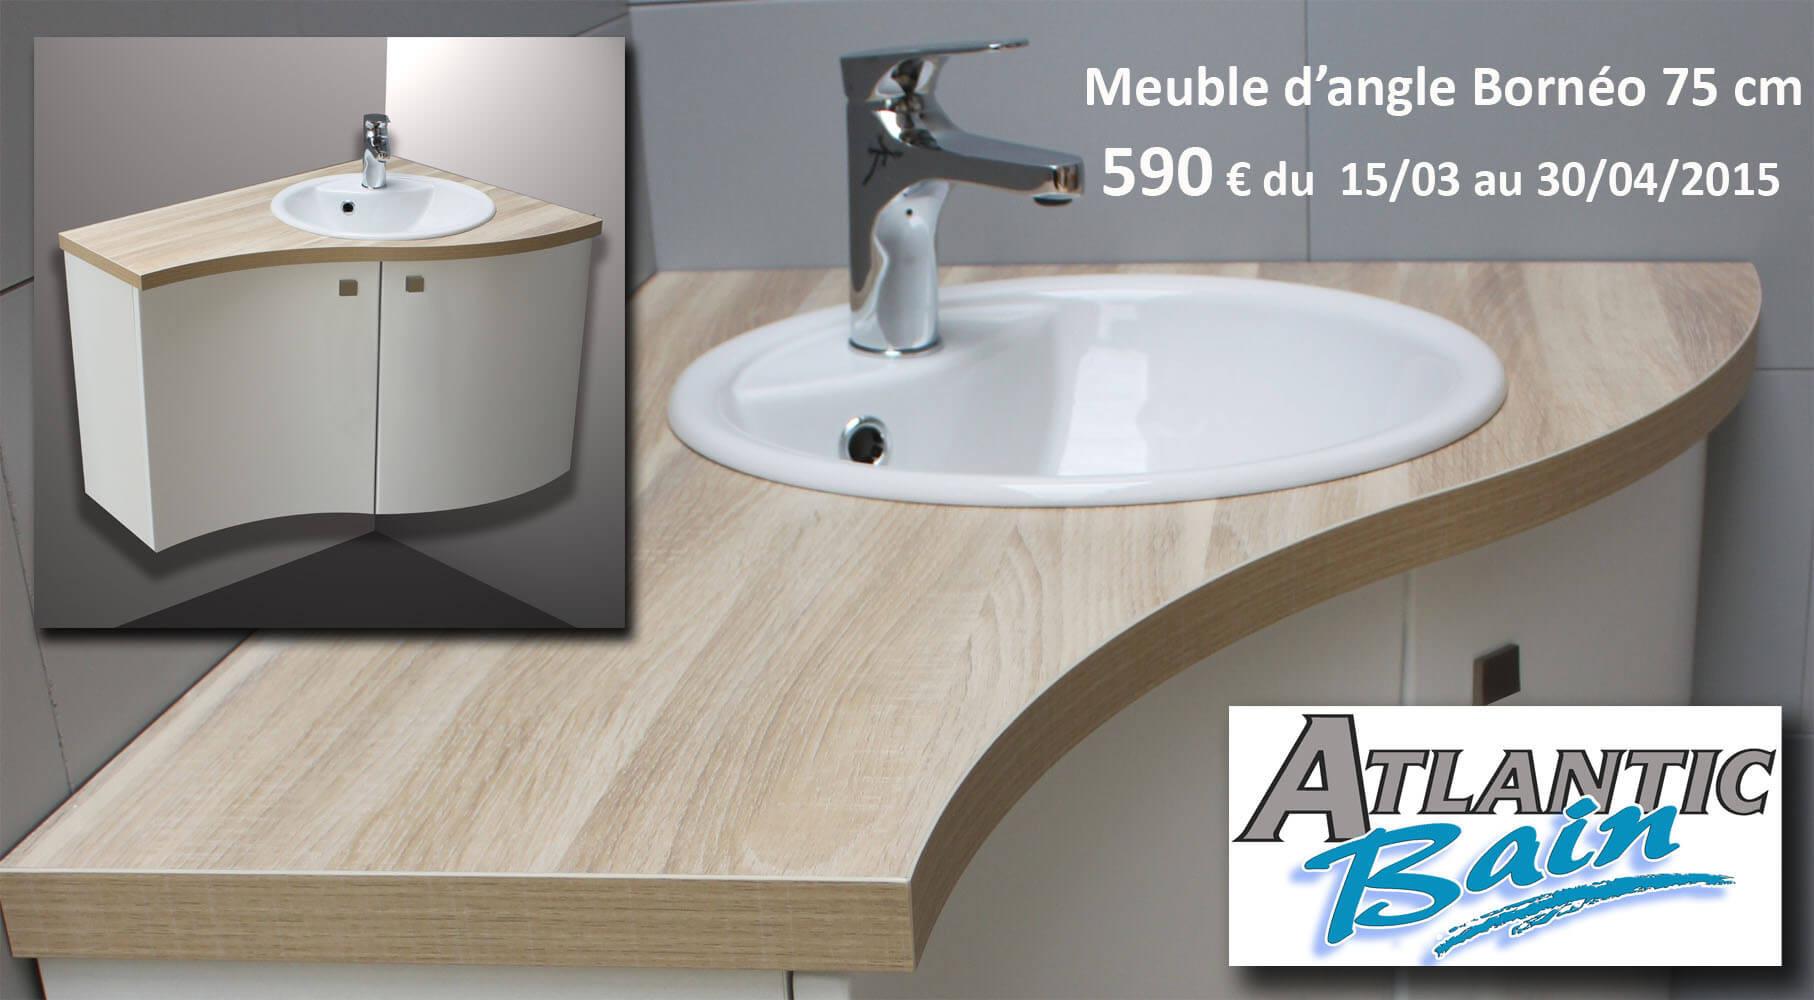 Salle de bain avec meuble d'angle